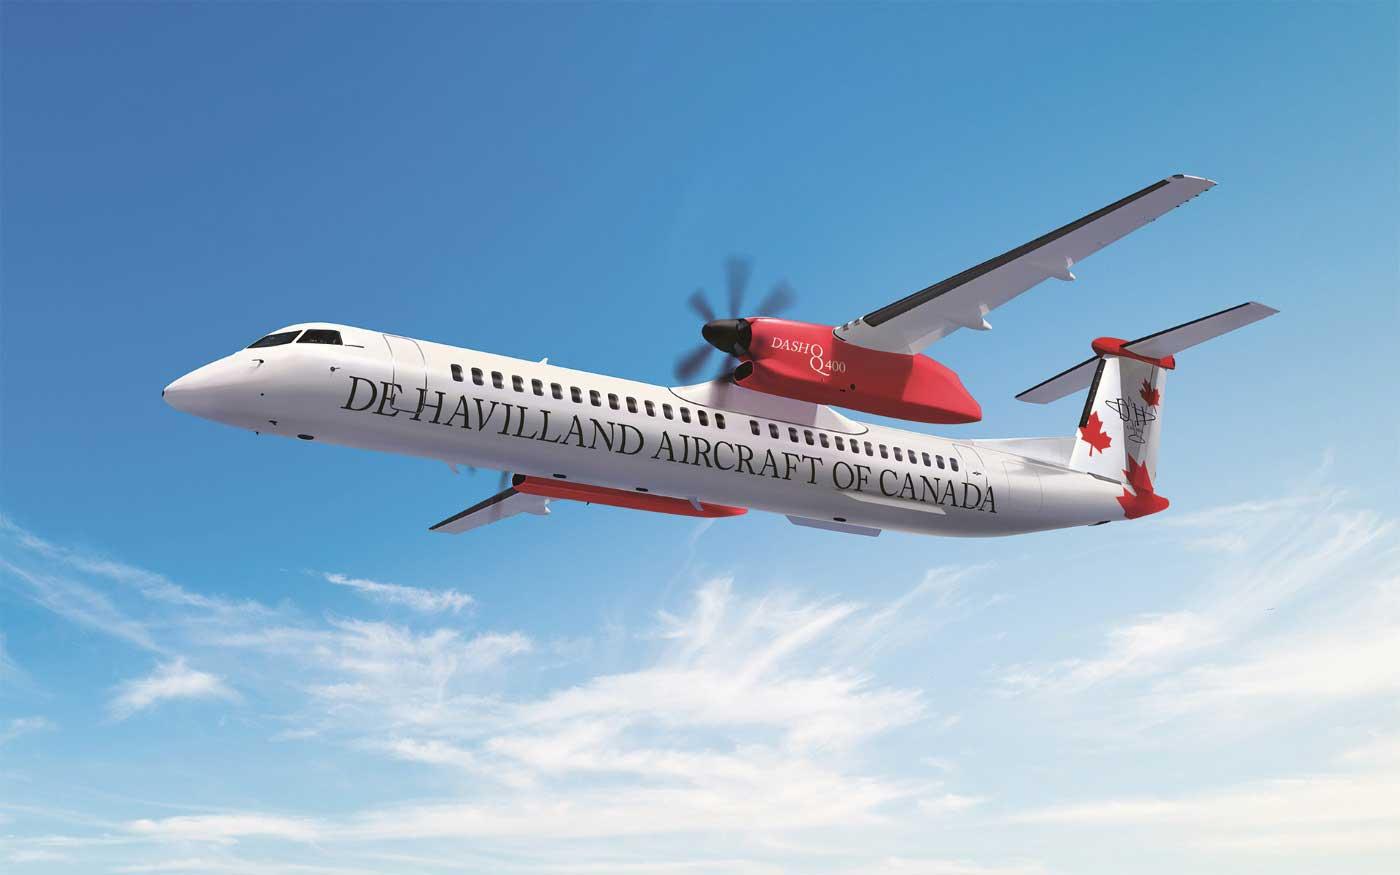 de Havilland Q400